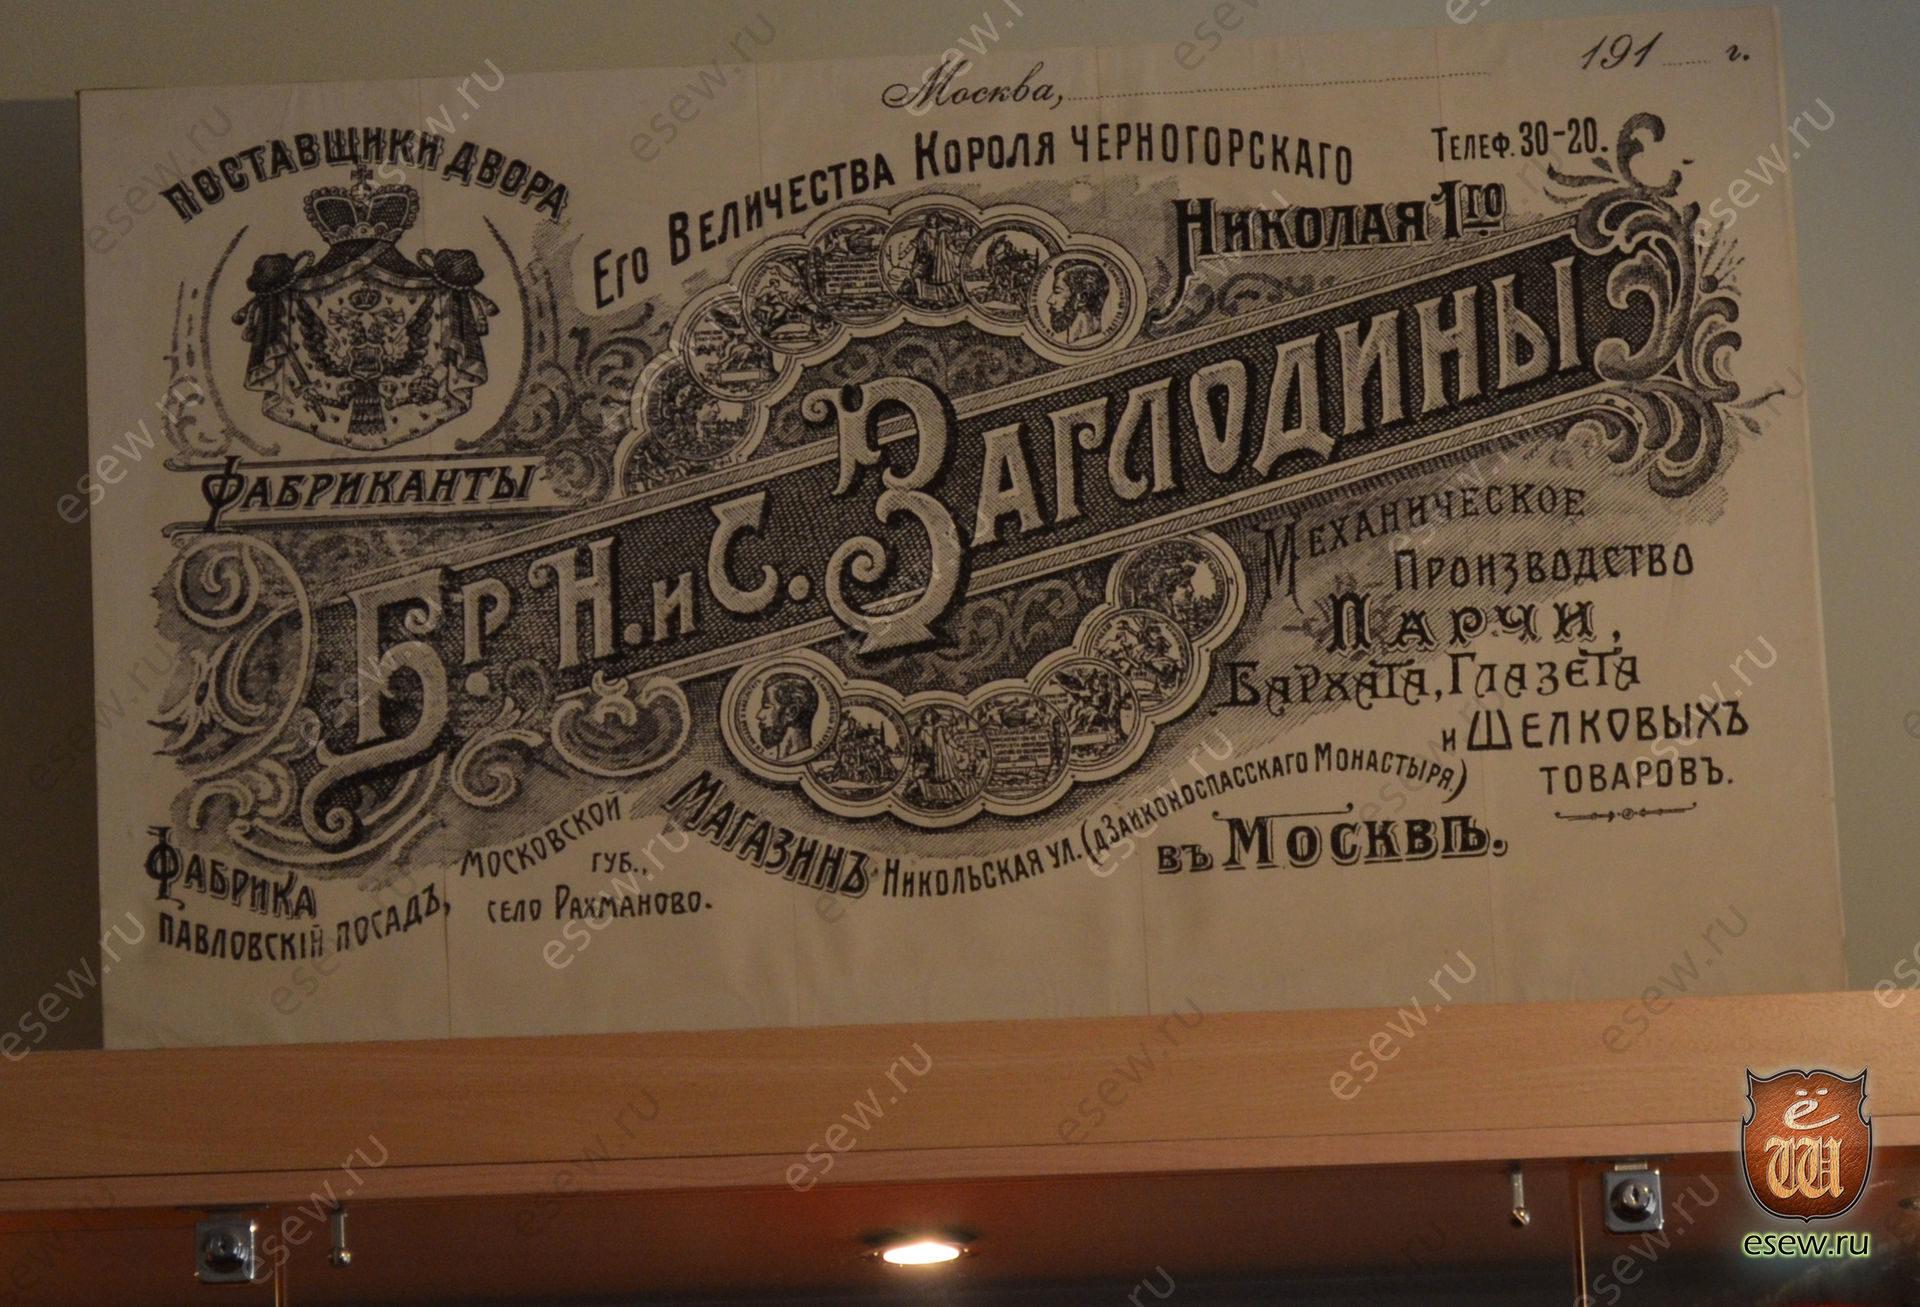 Фабрика Загодиных